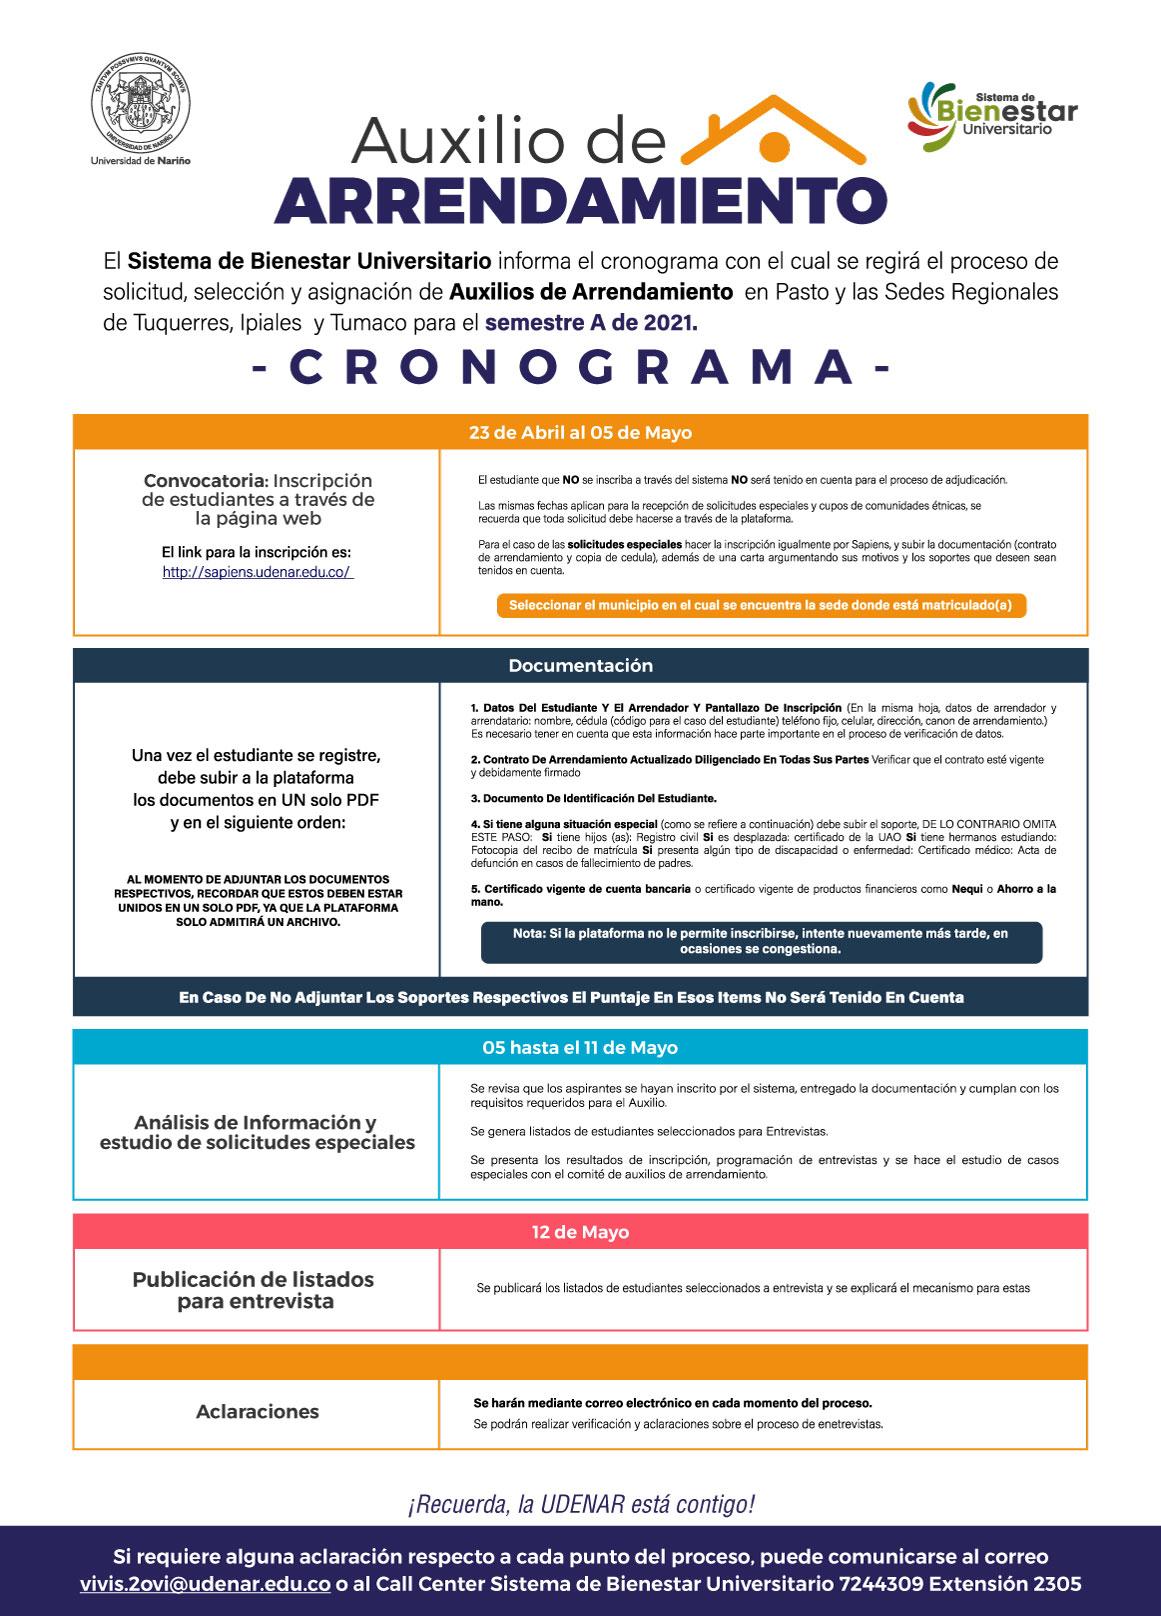 CRONOGRAMA-AUXILIO-ARRENDAMIENTO-SEMESTRE-A-2021